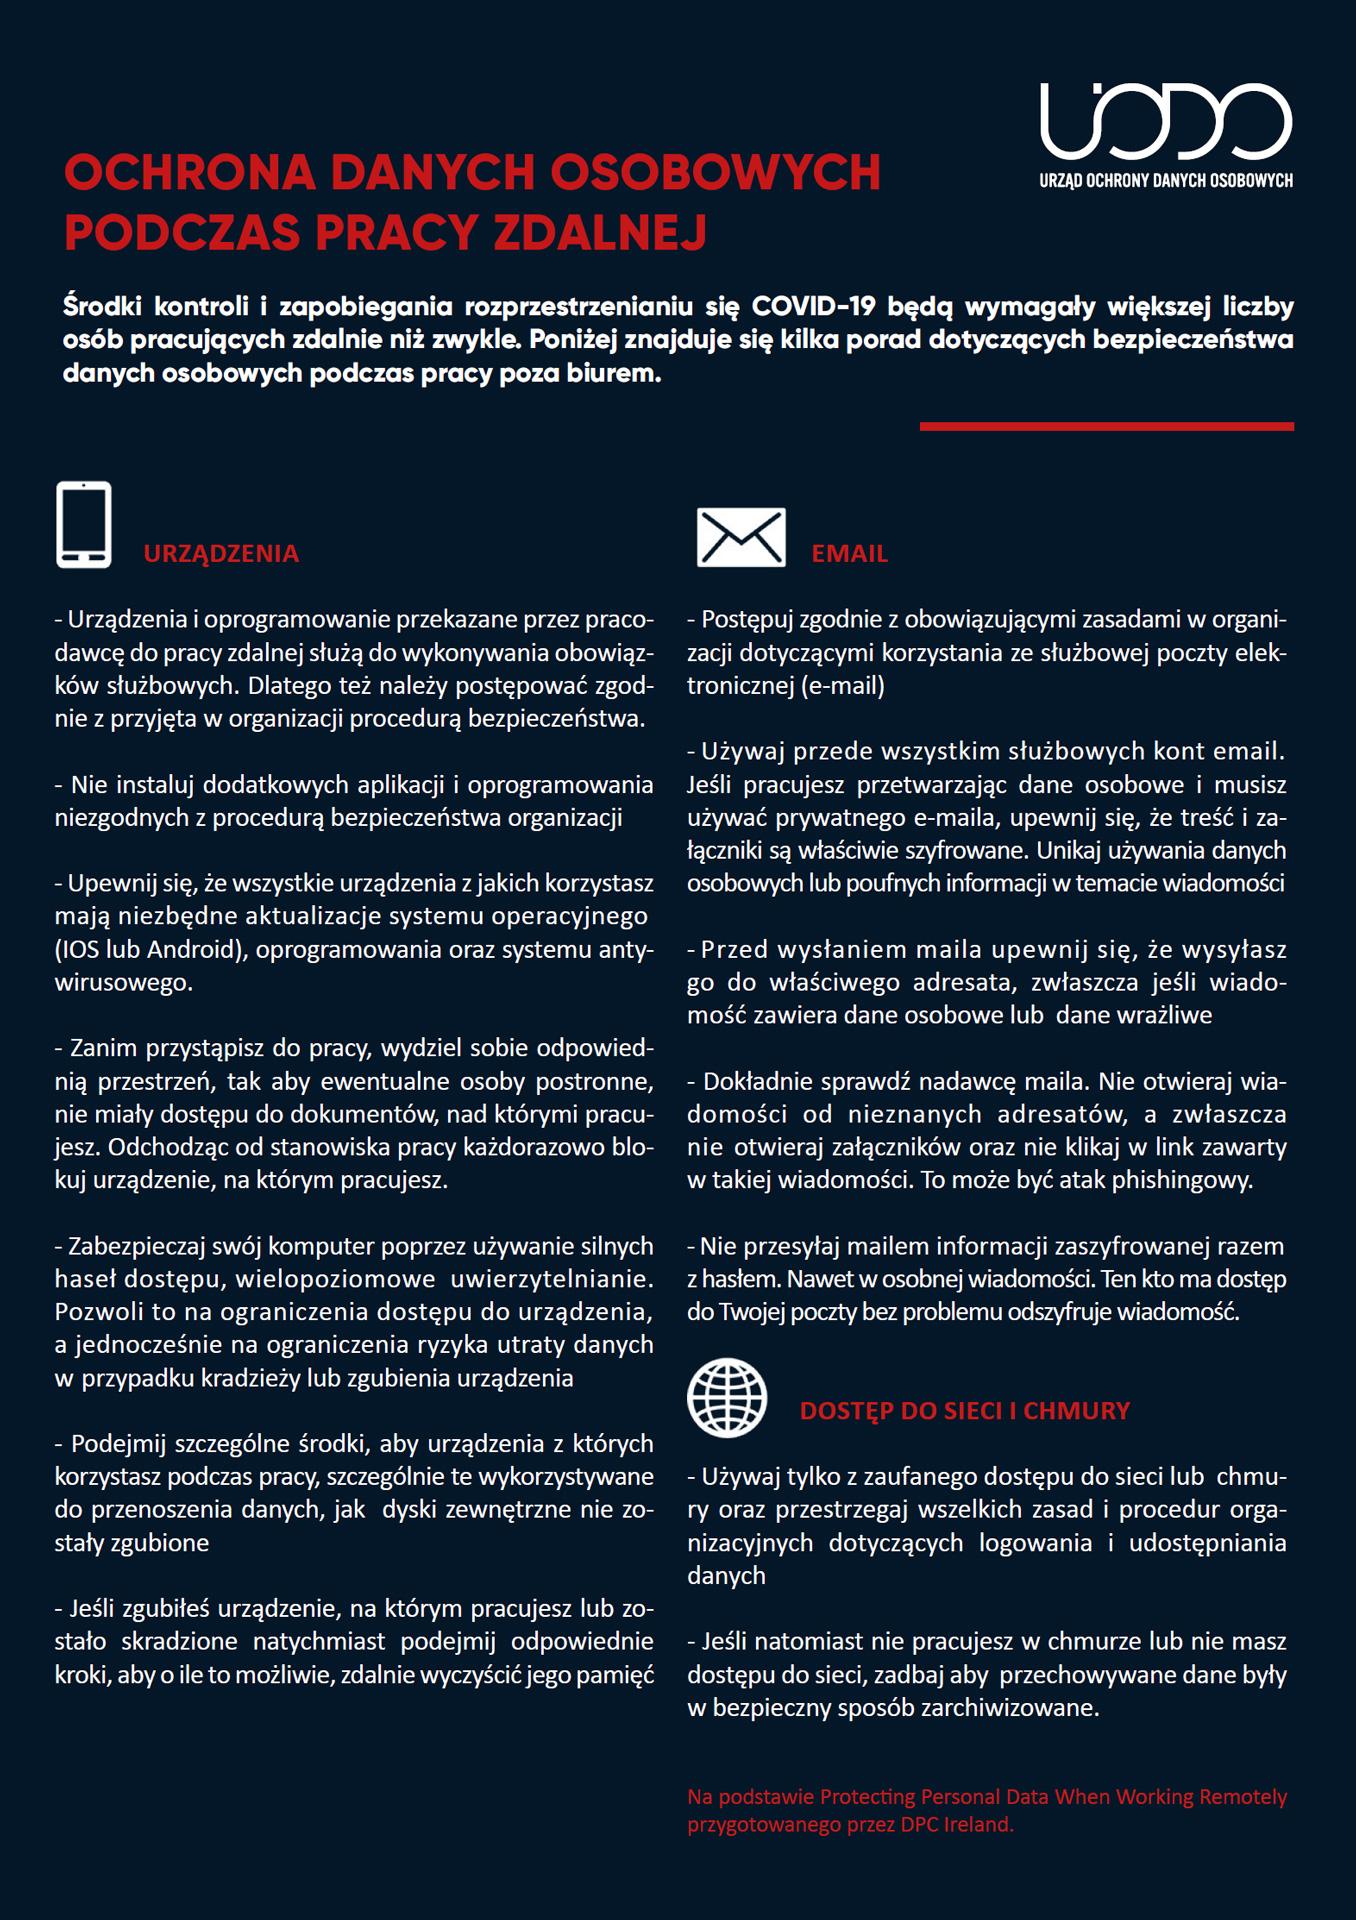 Infografika - Praca zdalna - UODO